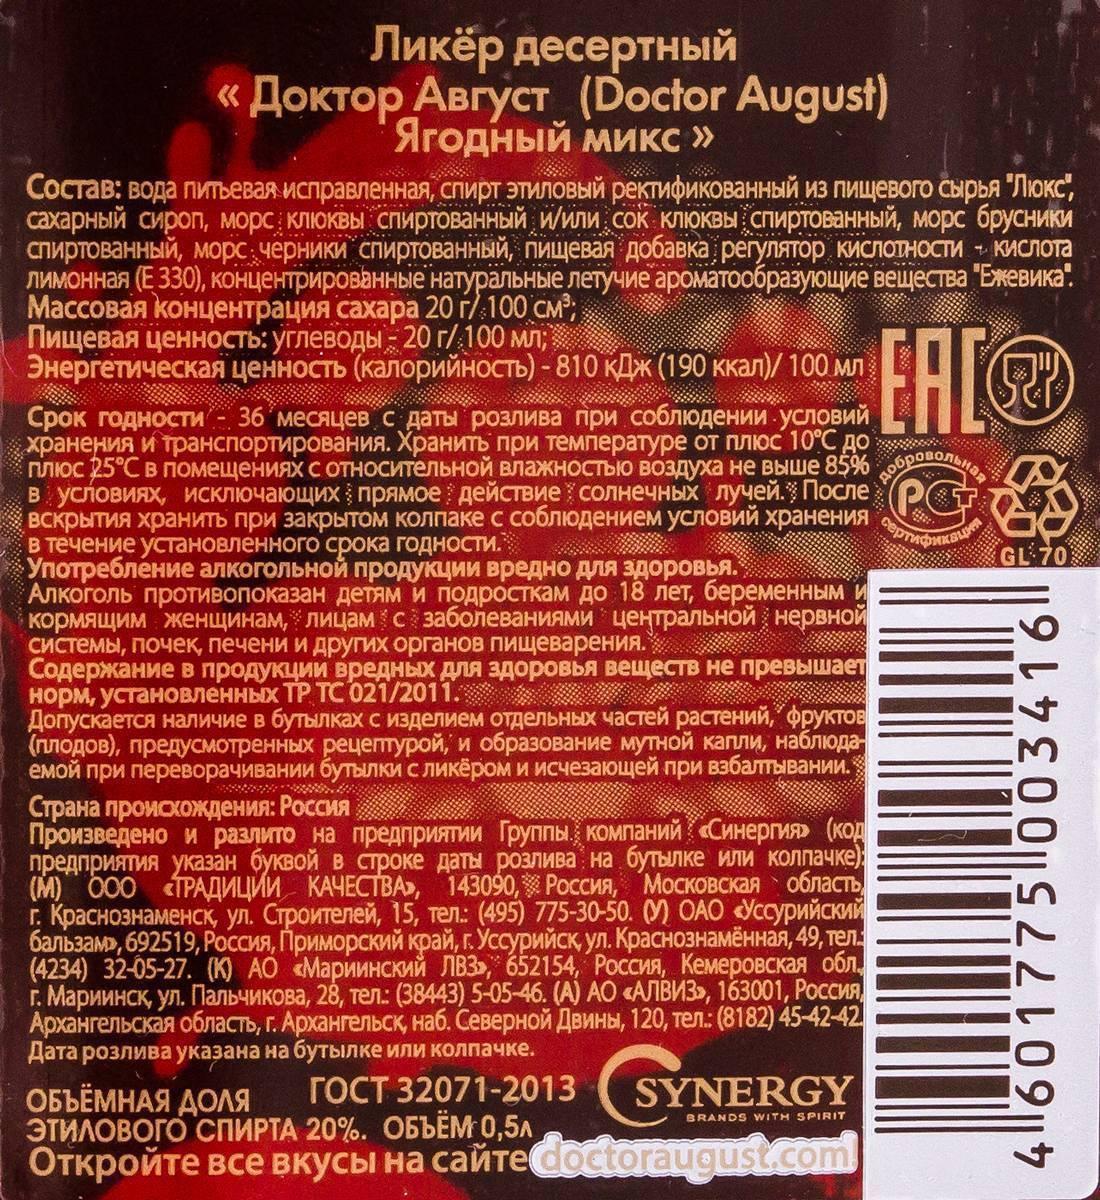 Ликер бисквит: обзор вкусов, состав и проивзодитель